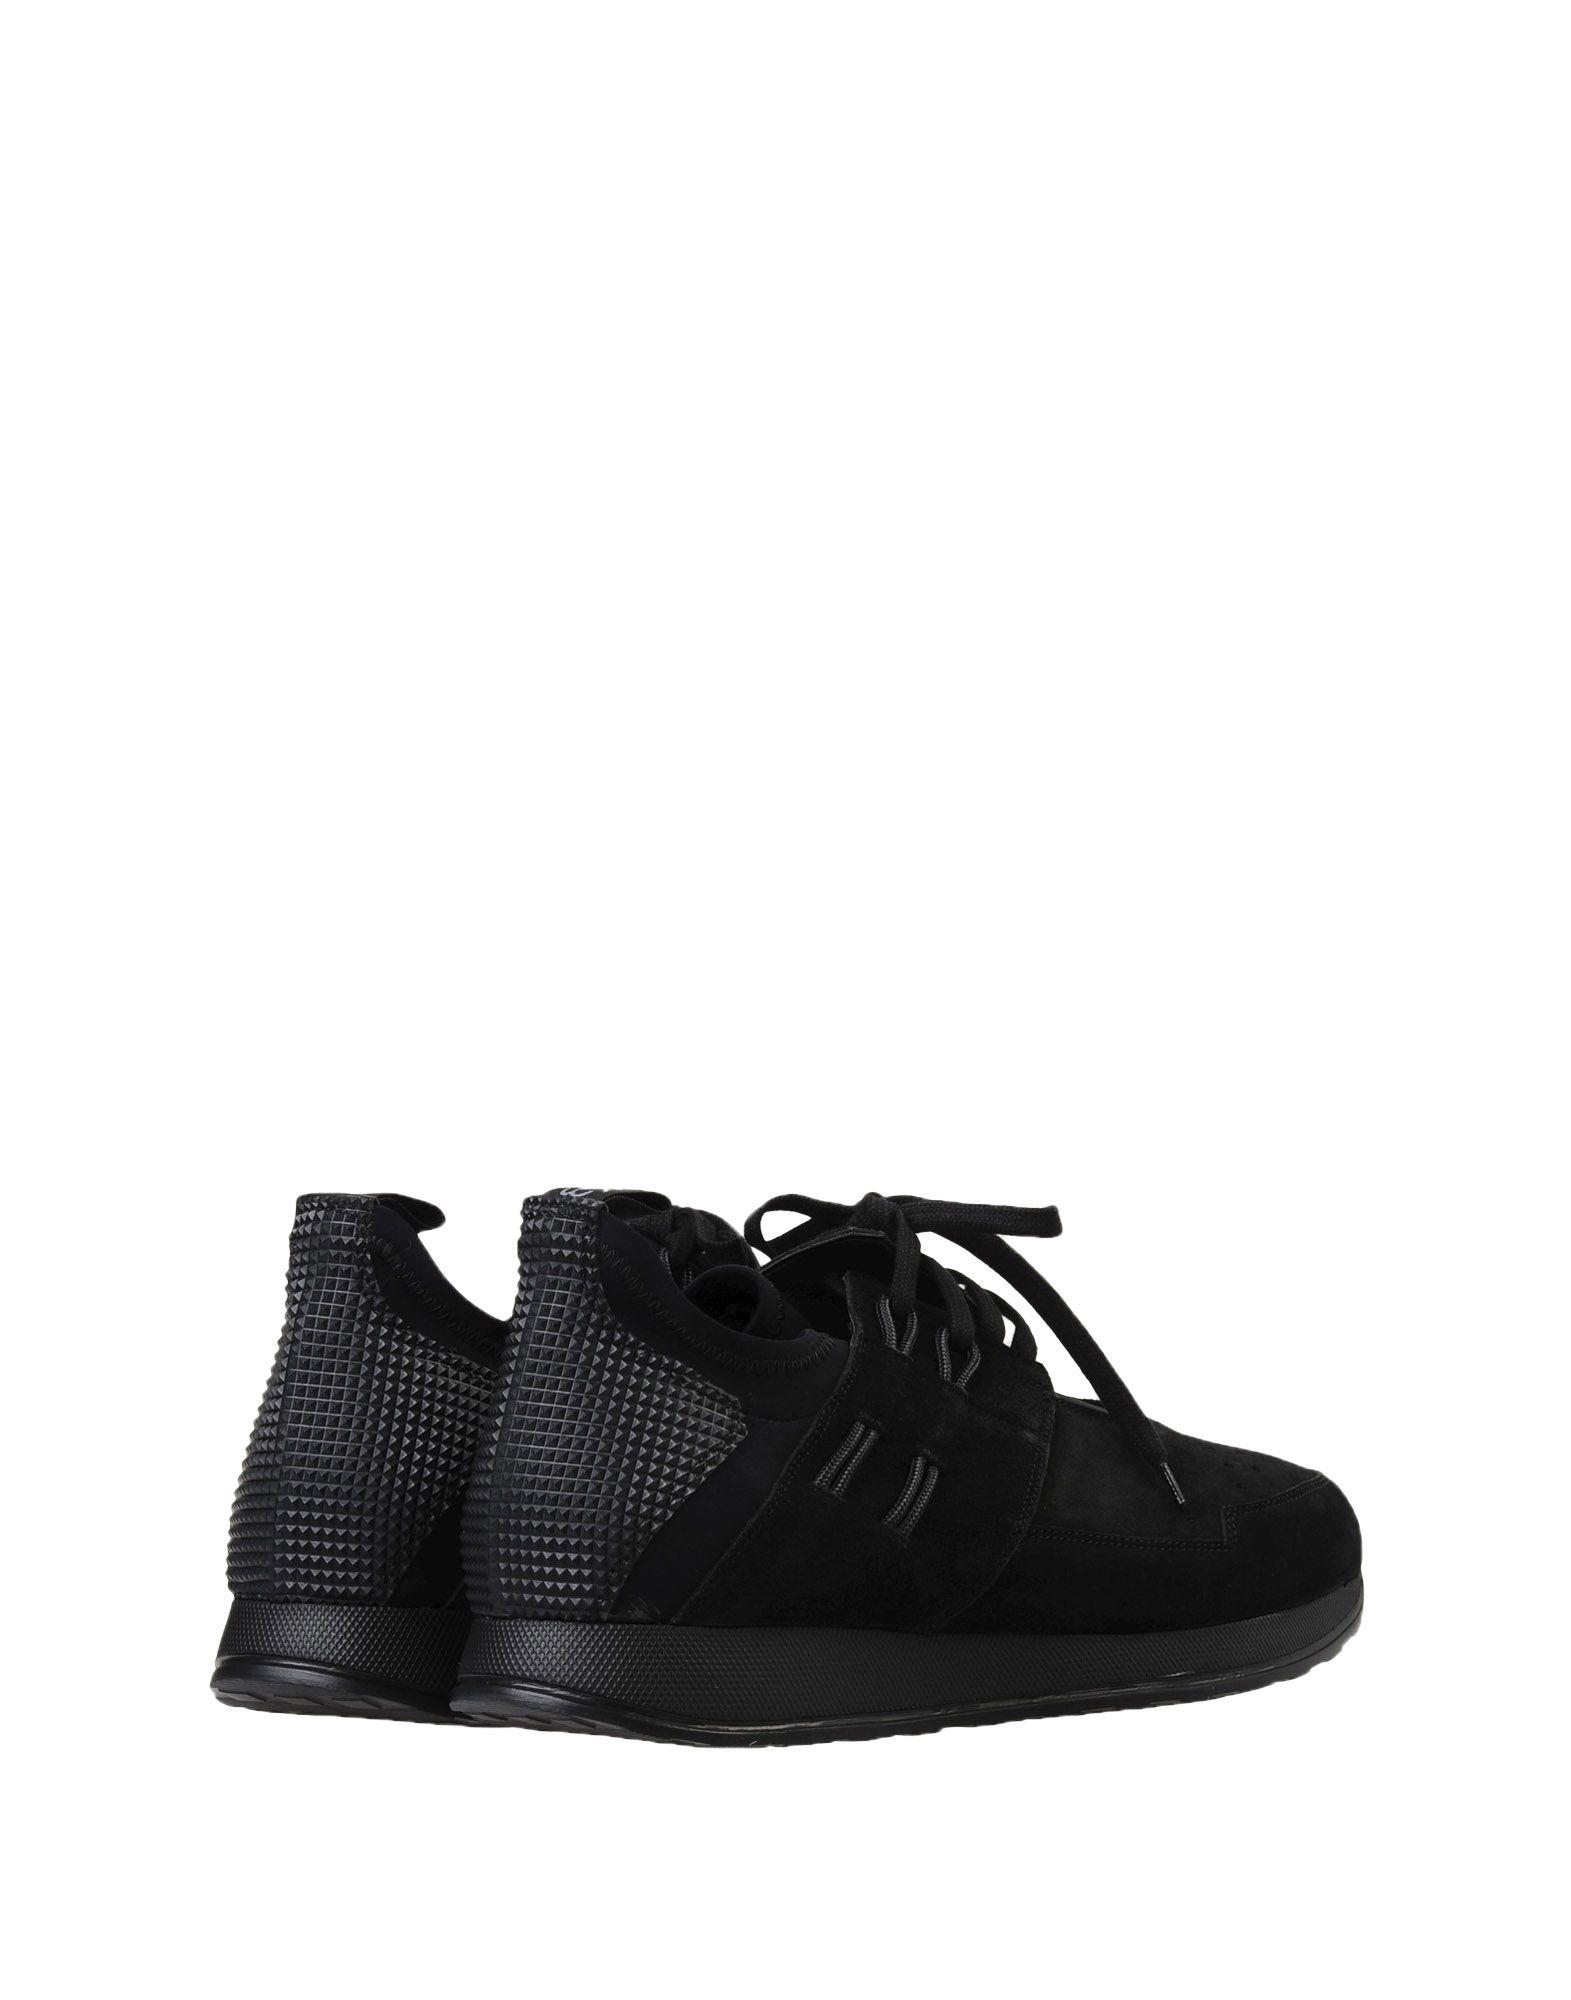 ... Sneakers L4k3 Torpedo - Homme - Sneakers L4k3 sur